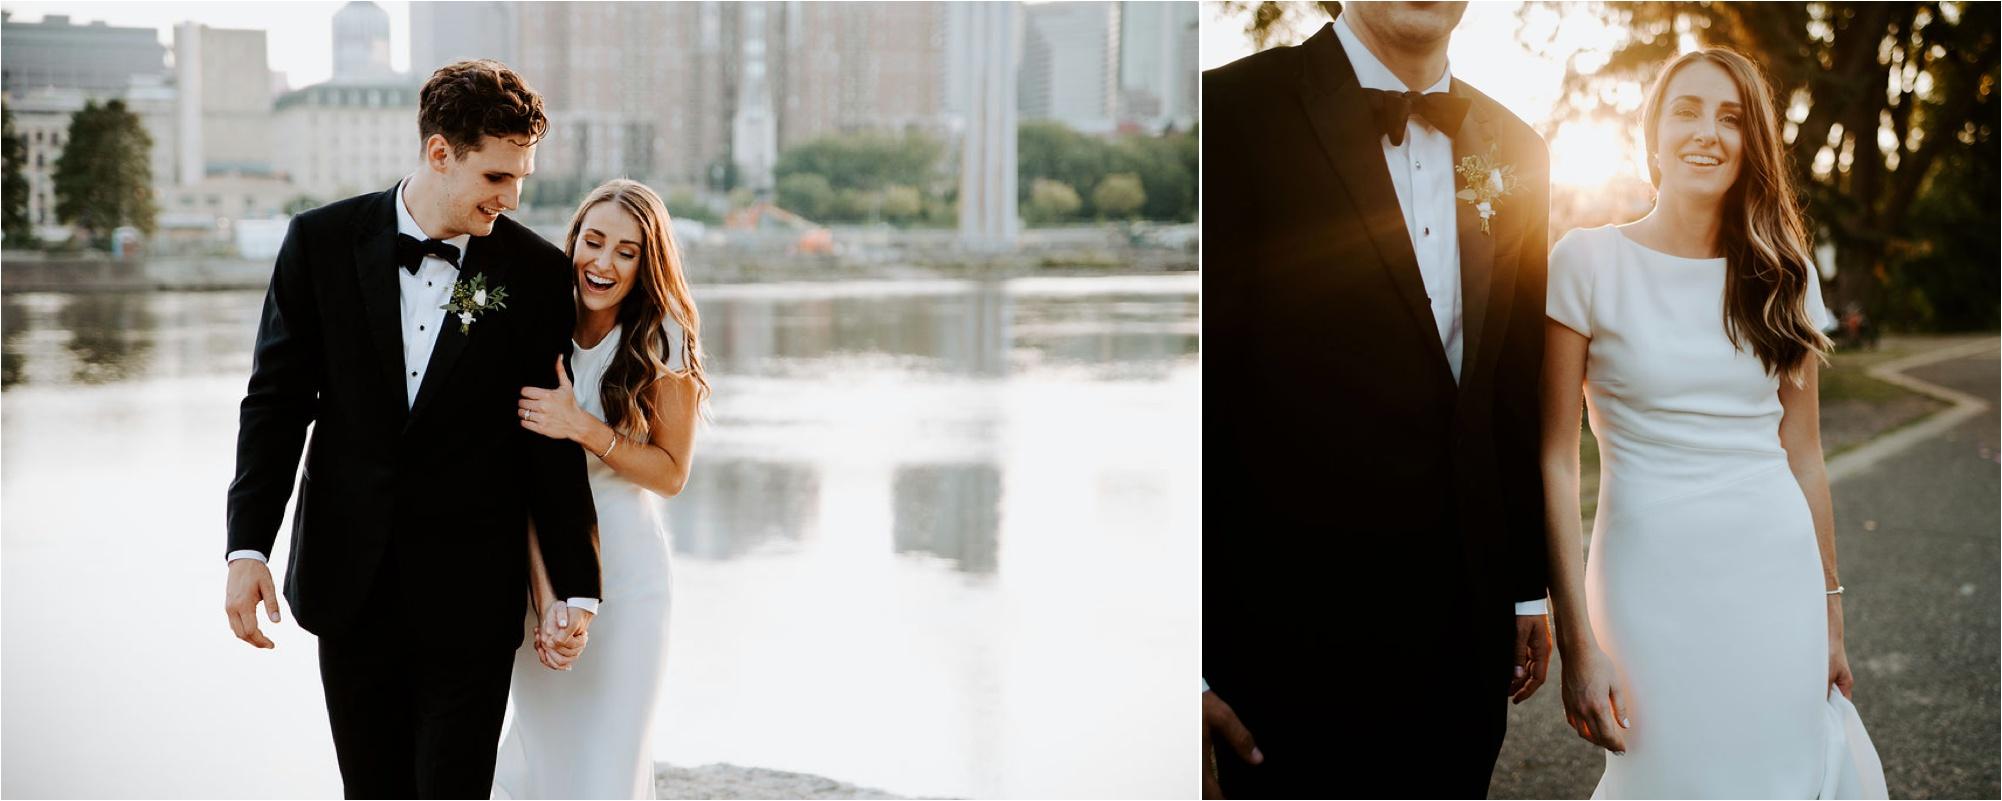 blush & whim weddings minneapolis